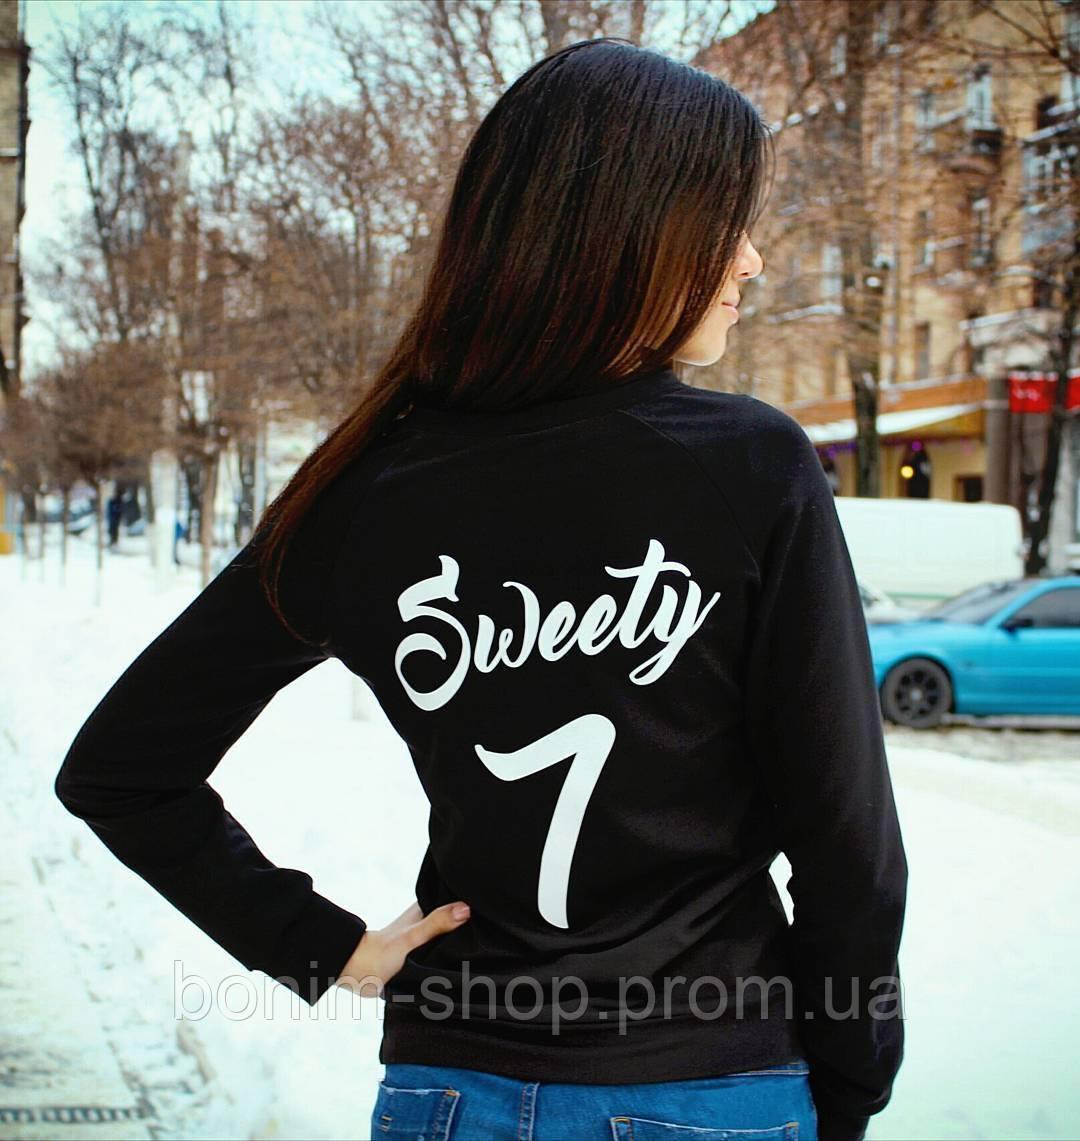 Черный женский свитшот с именем и номером